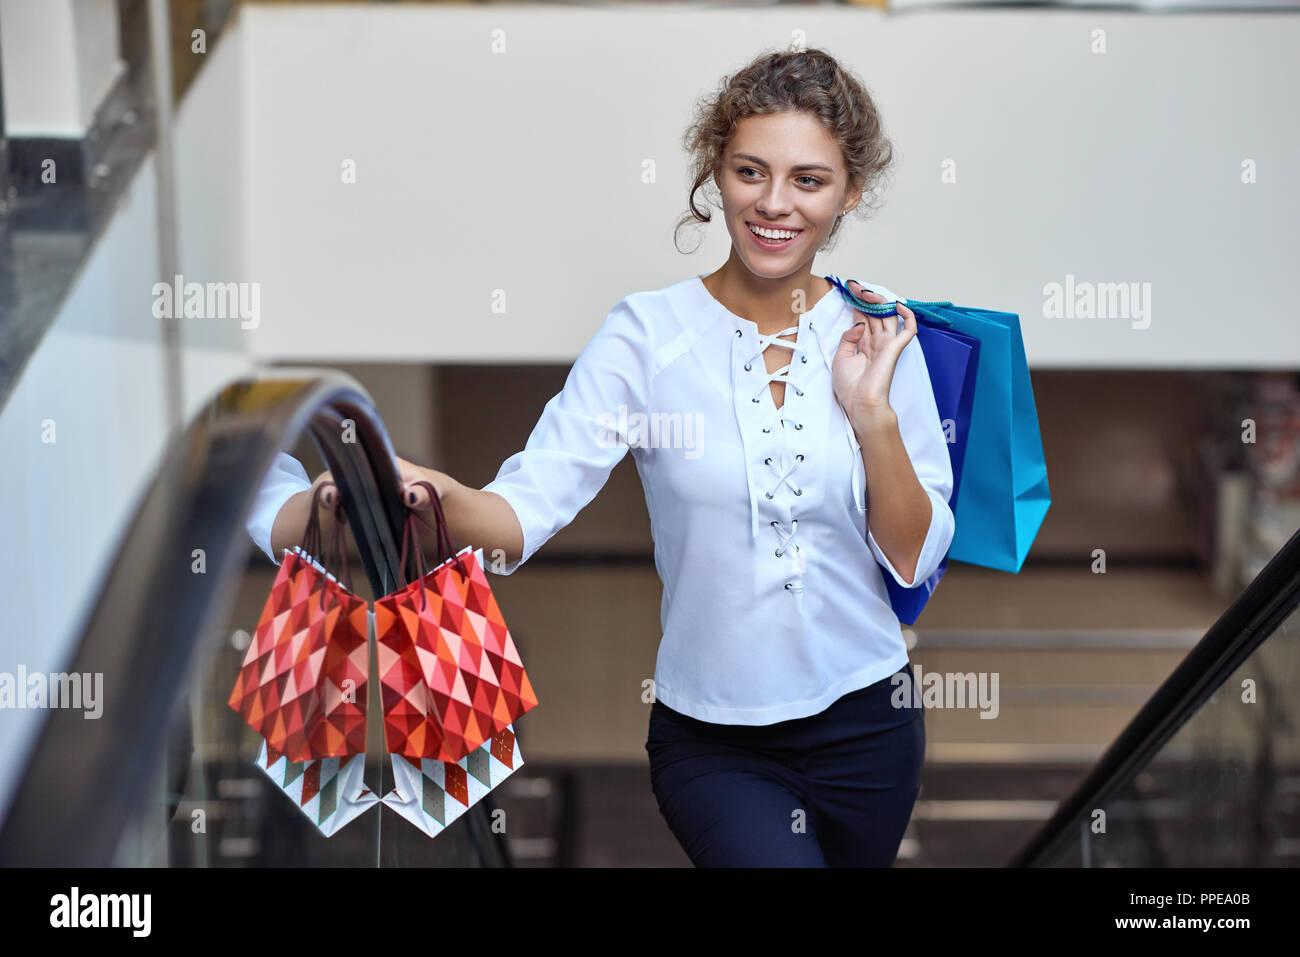 Portrait of happy blonde après bon shopping la voiture dans l'escalator mall. Belle femme avec des sacs de shopping et achats de sourire et à la voiture. Notion de plaisir et de bonheur. Photo Stock